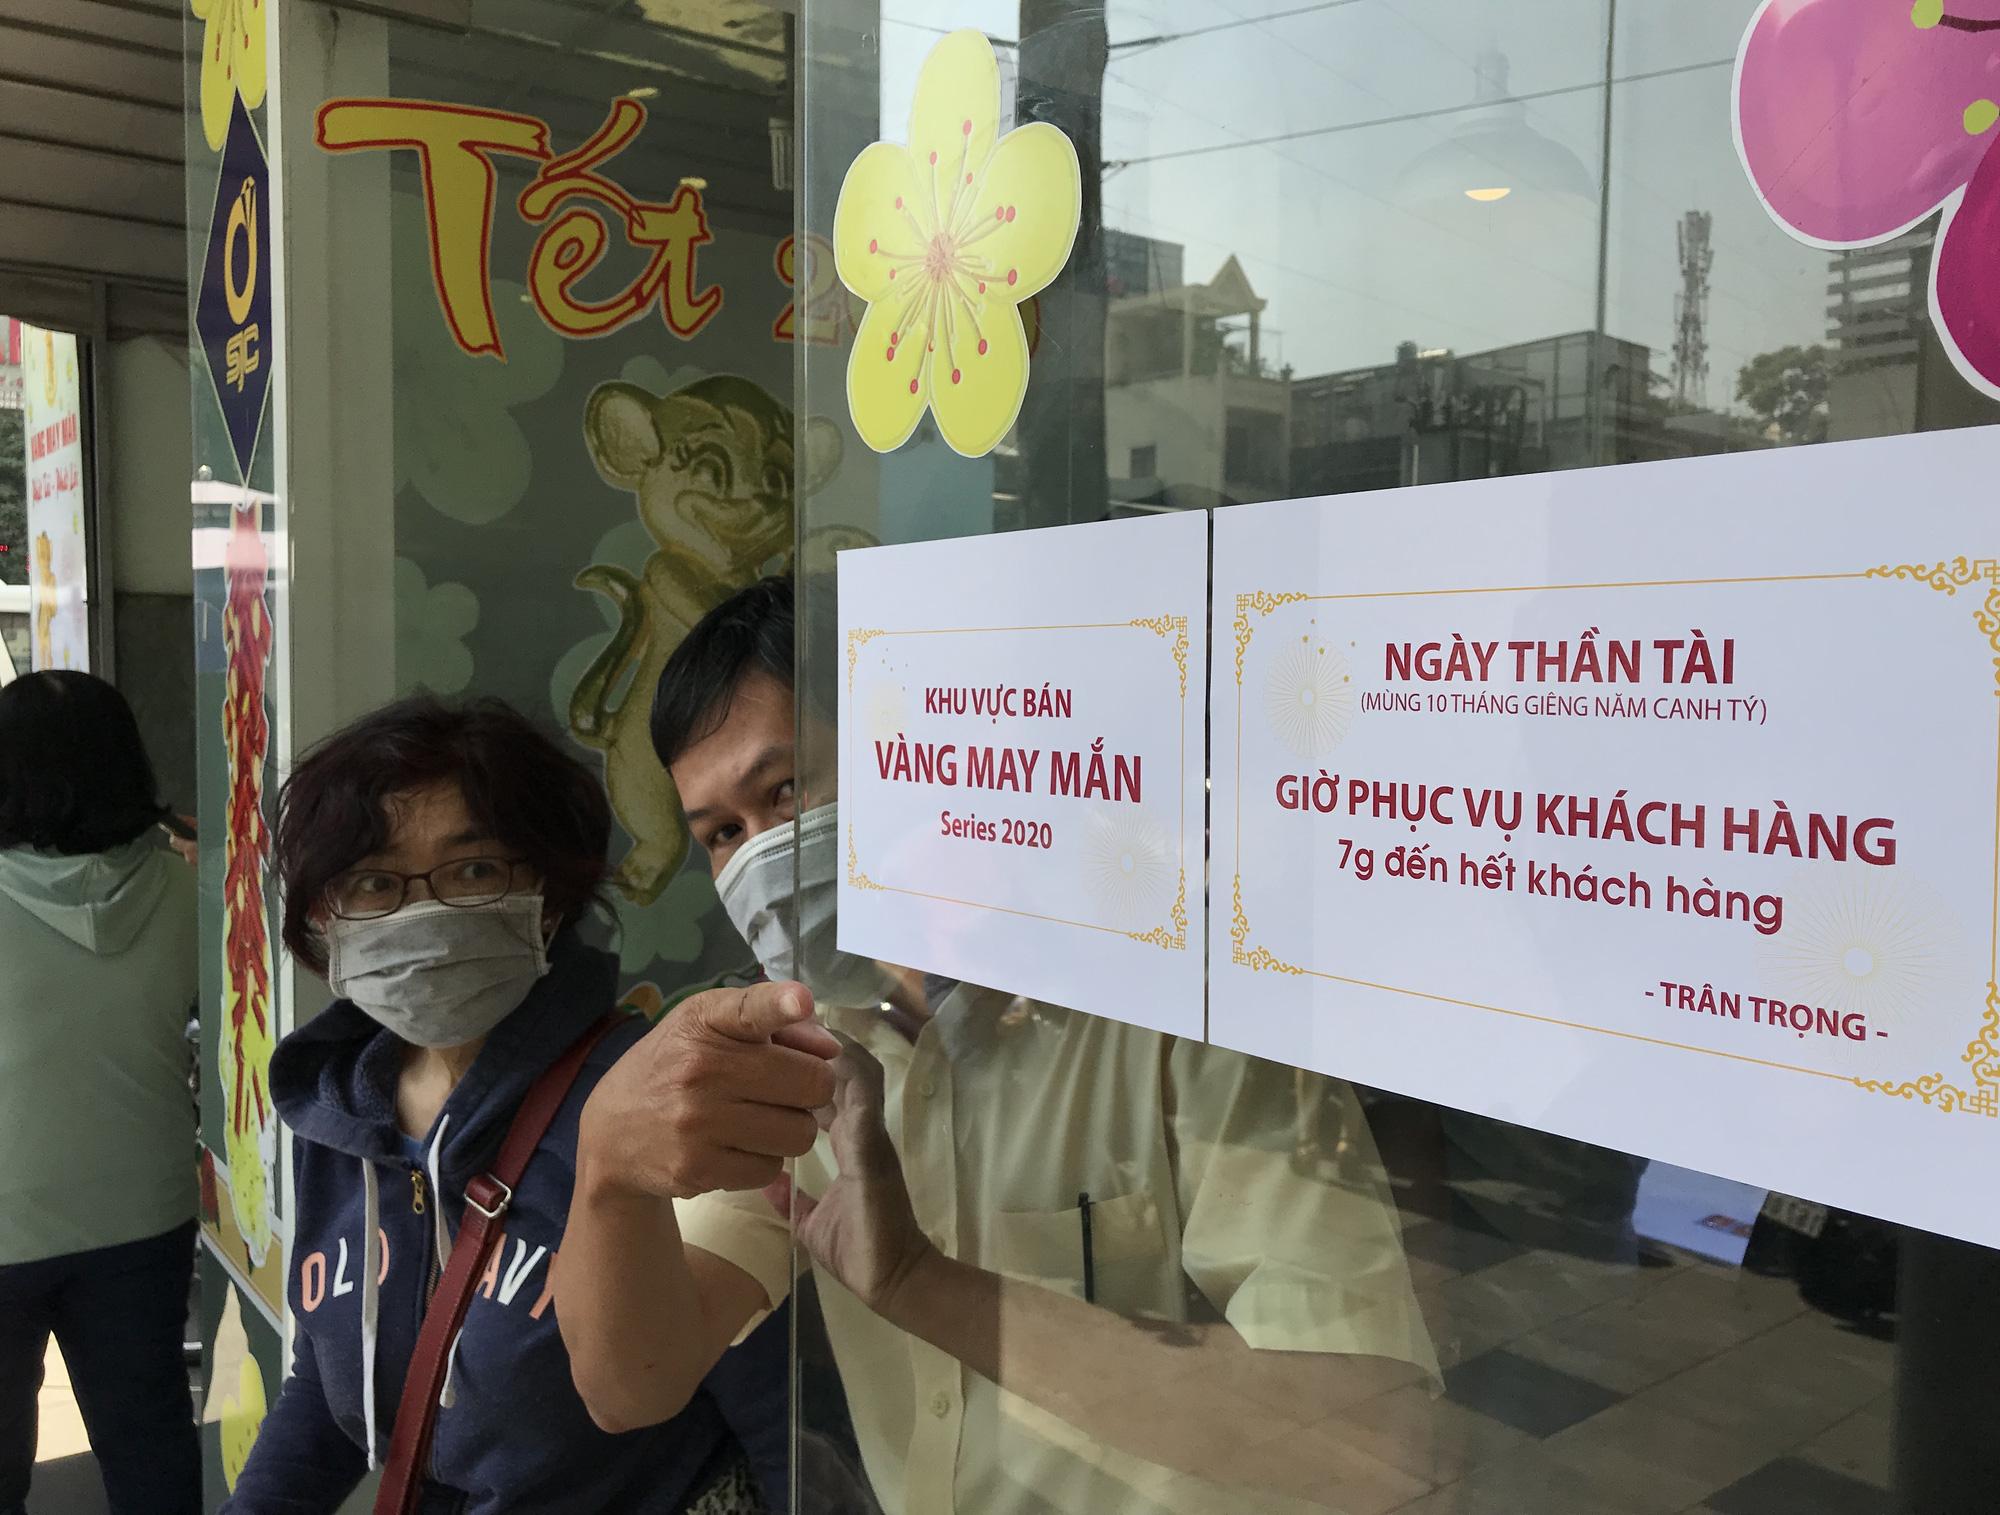 Người Sài Gòn ùn ùn xếp hàng, bốc số mua vàng ngày Thần tài để cầu may đầu năm - Ảnh 4.